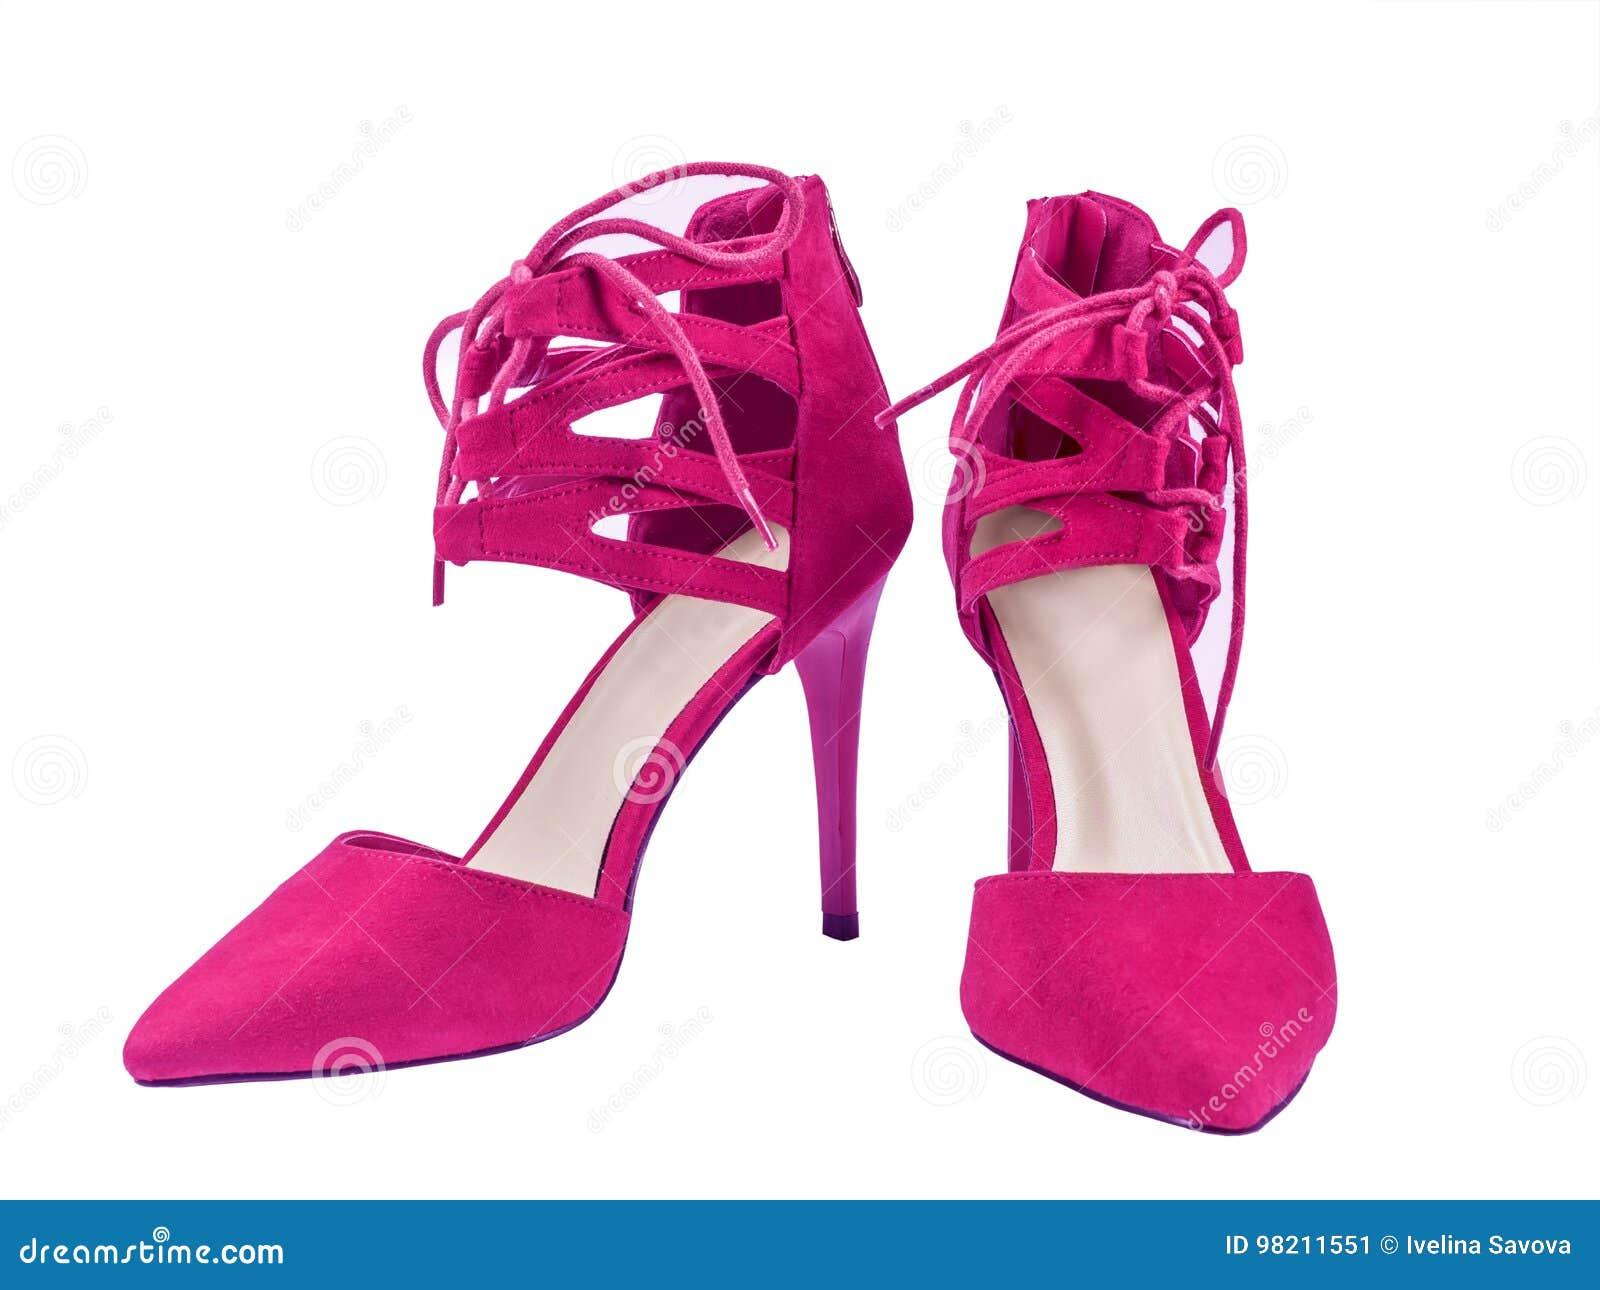 e858a2410ede3 los rosados tacones Zapatos altos de qfHg8RS